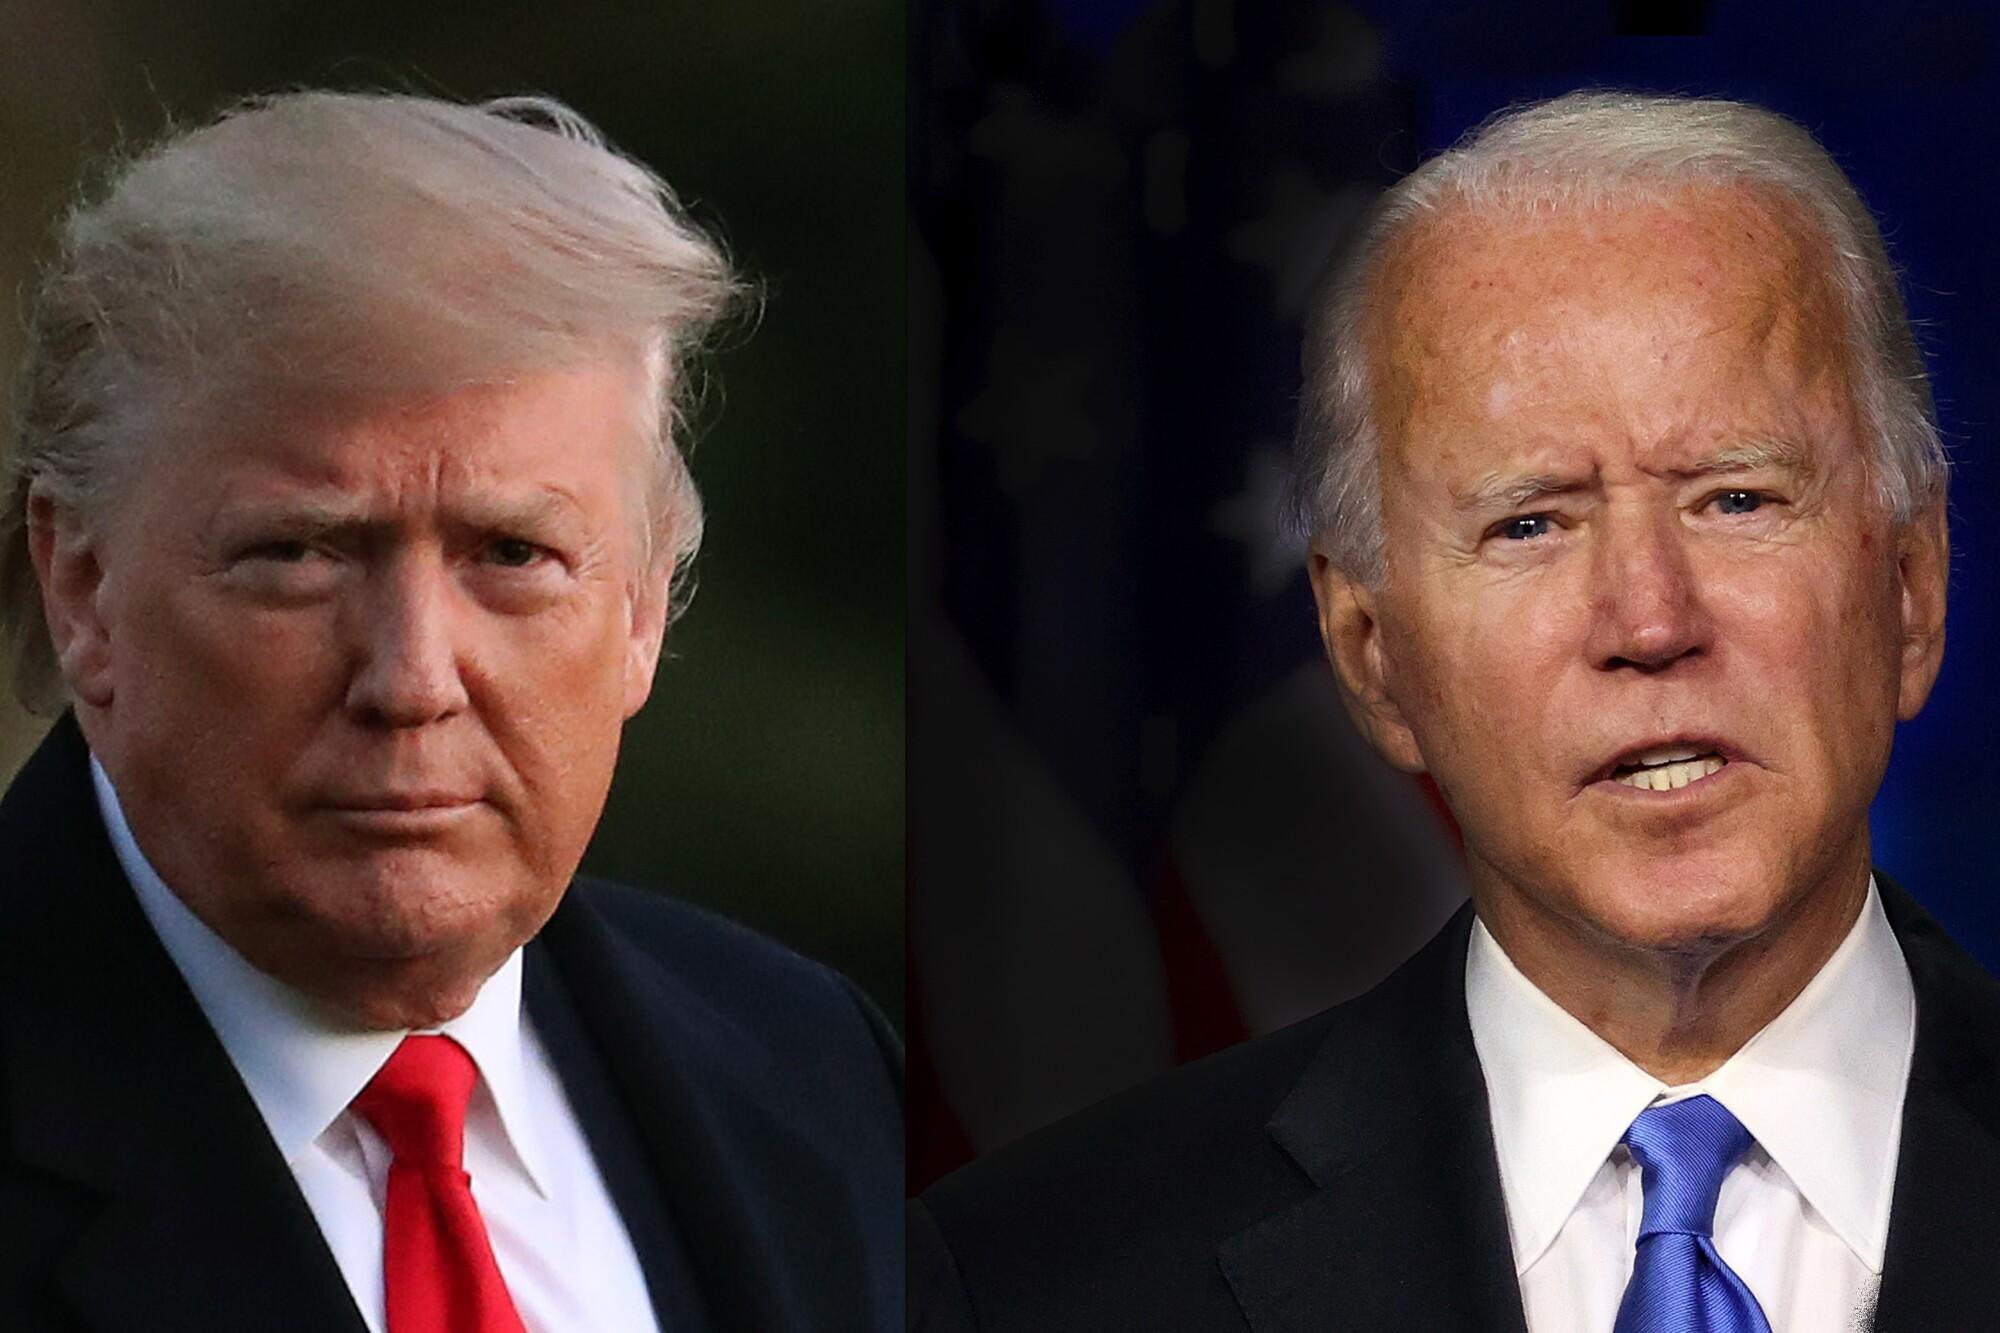 President Trump and Joe Biden in side-by-side portraits.